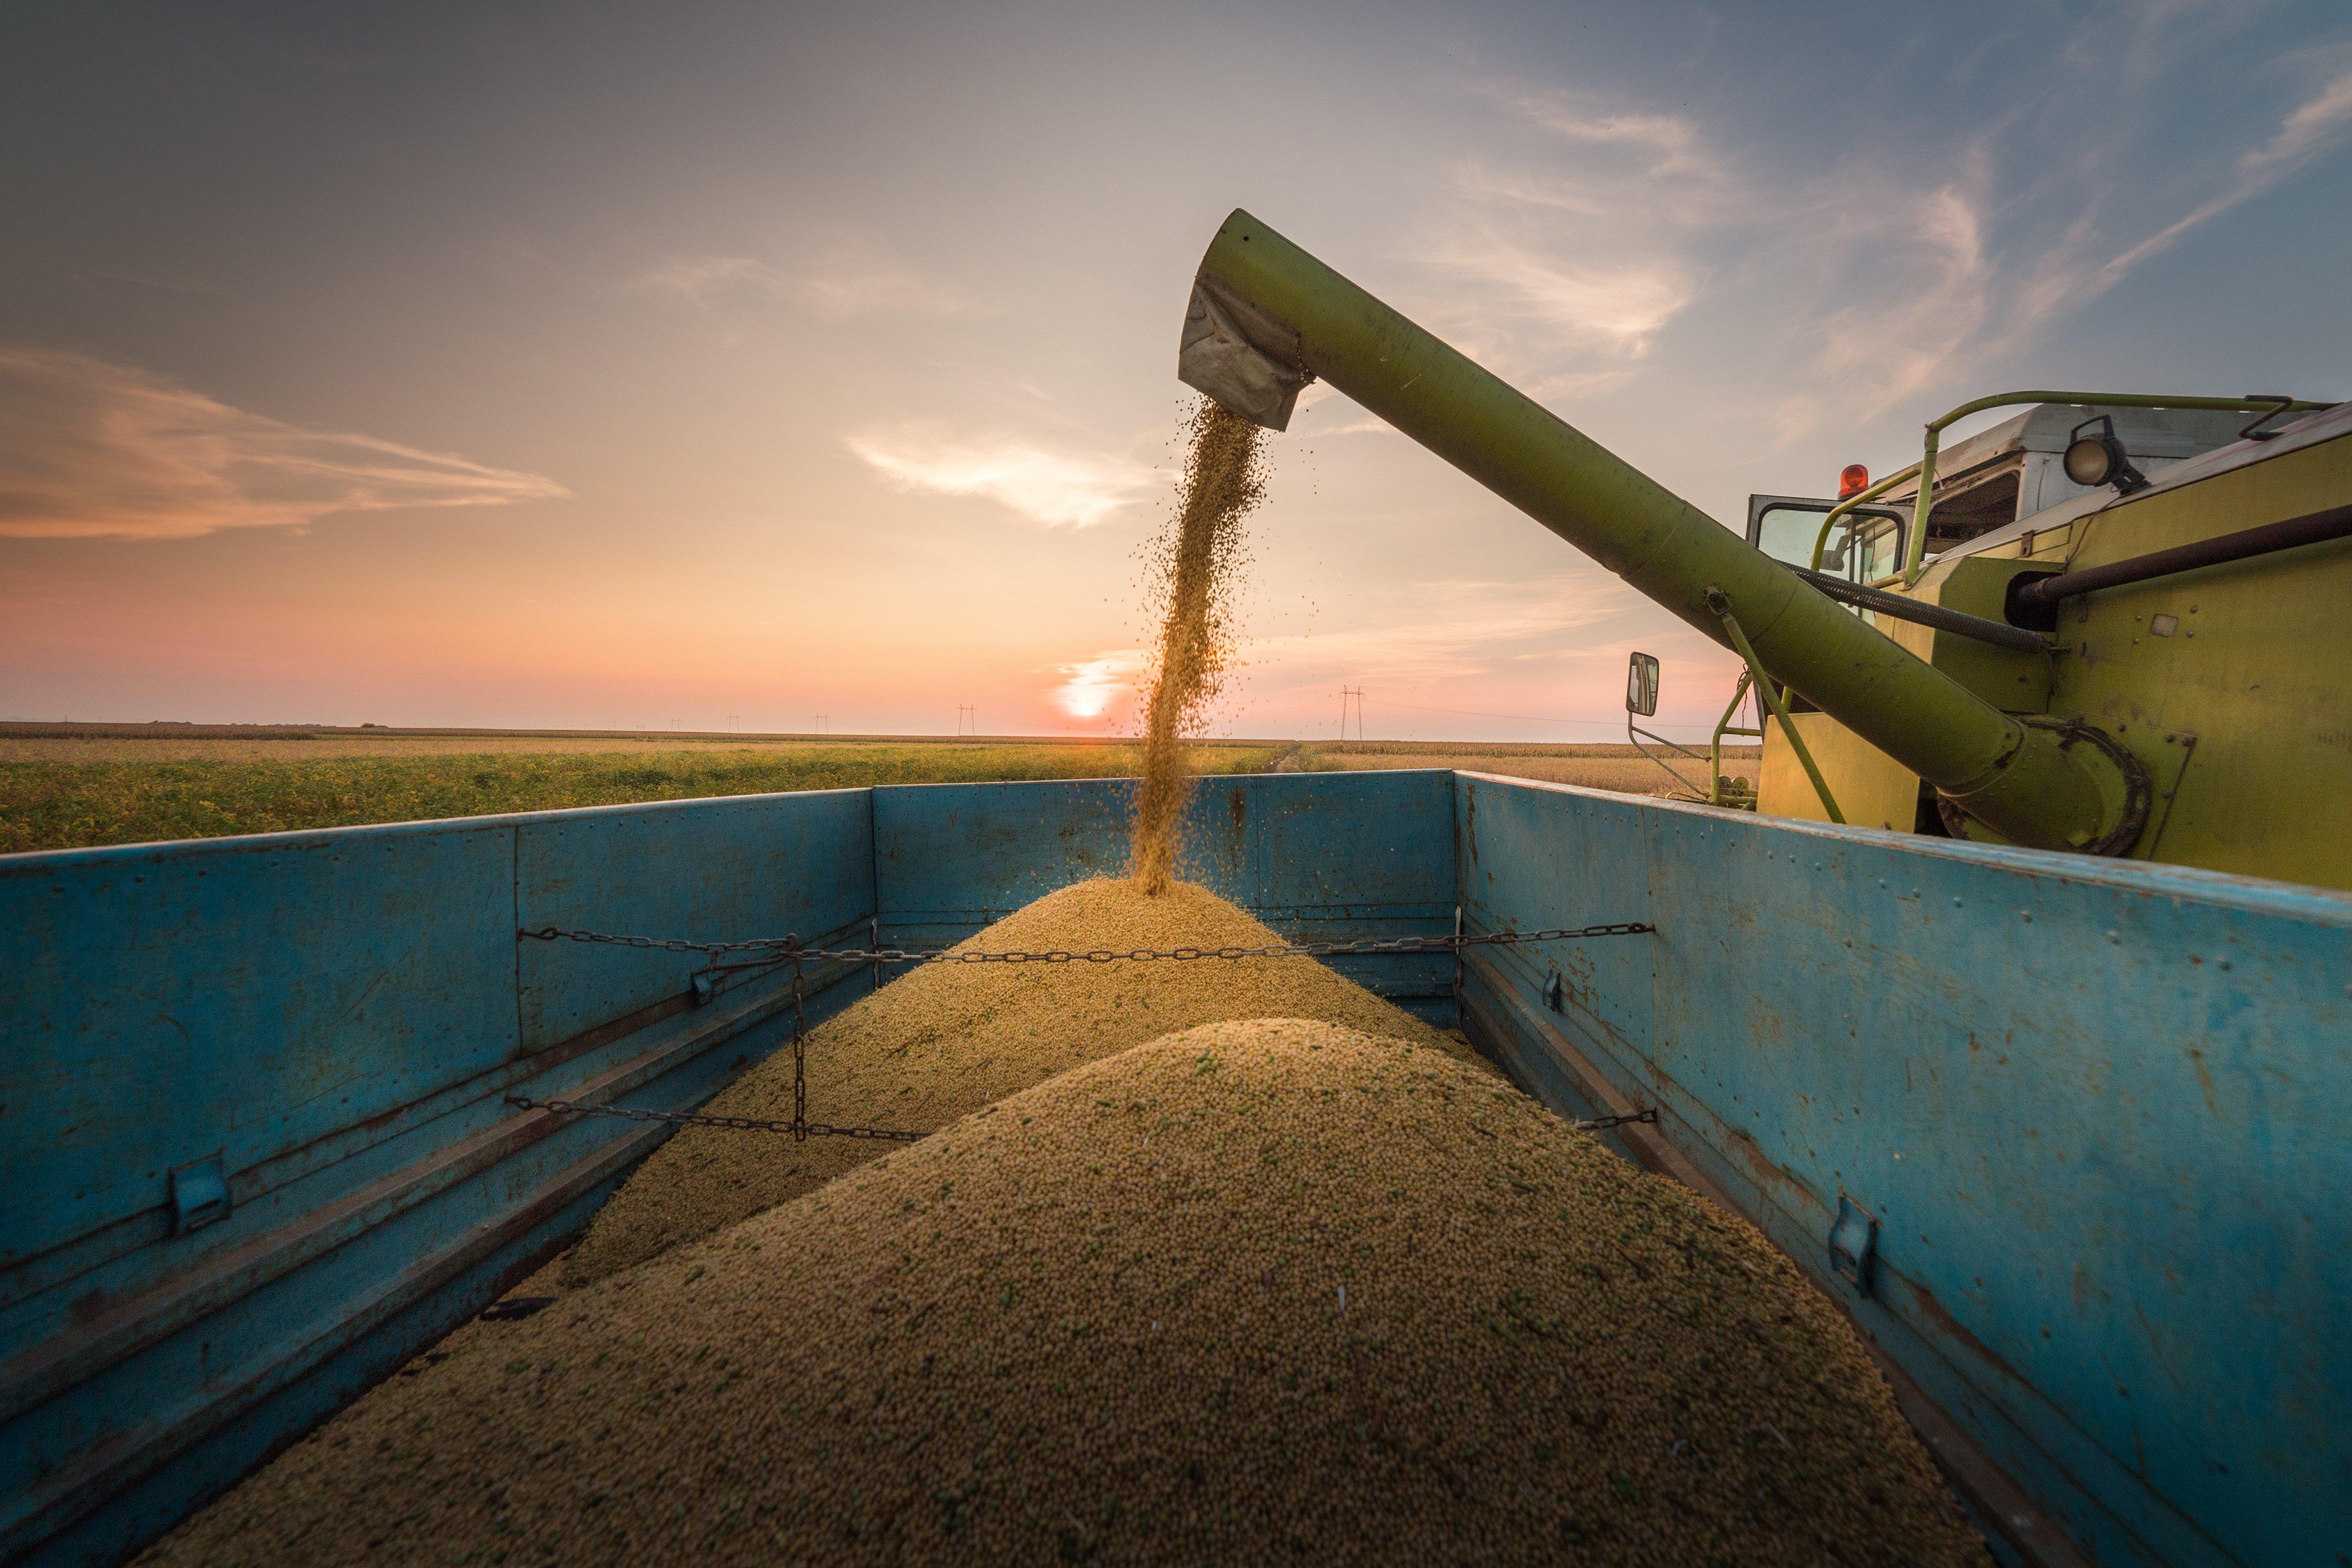 O grande desafio do setor agrícola é ampliar a produção de alimentos, mas com sustentabilidade